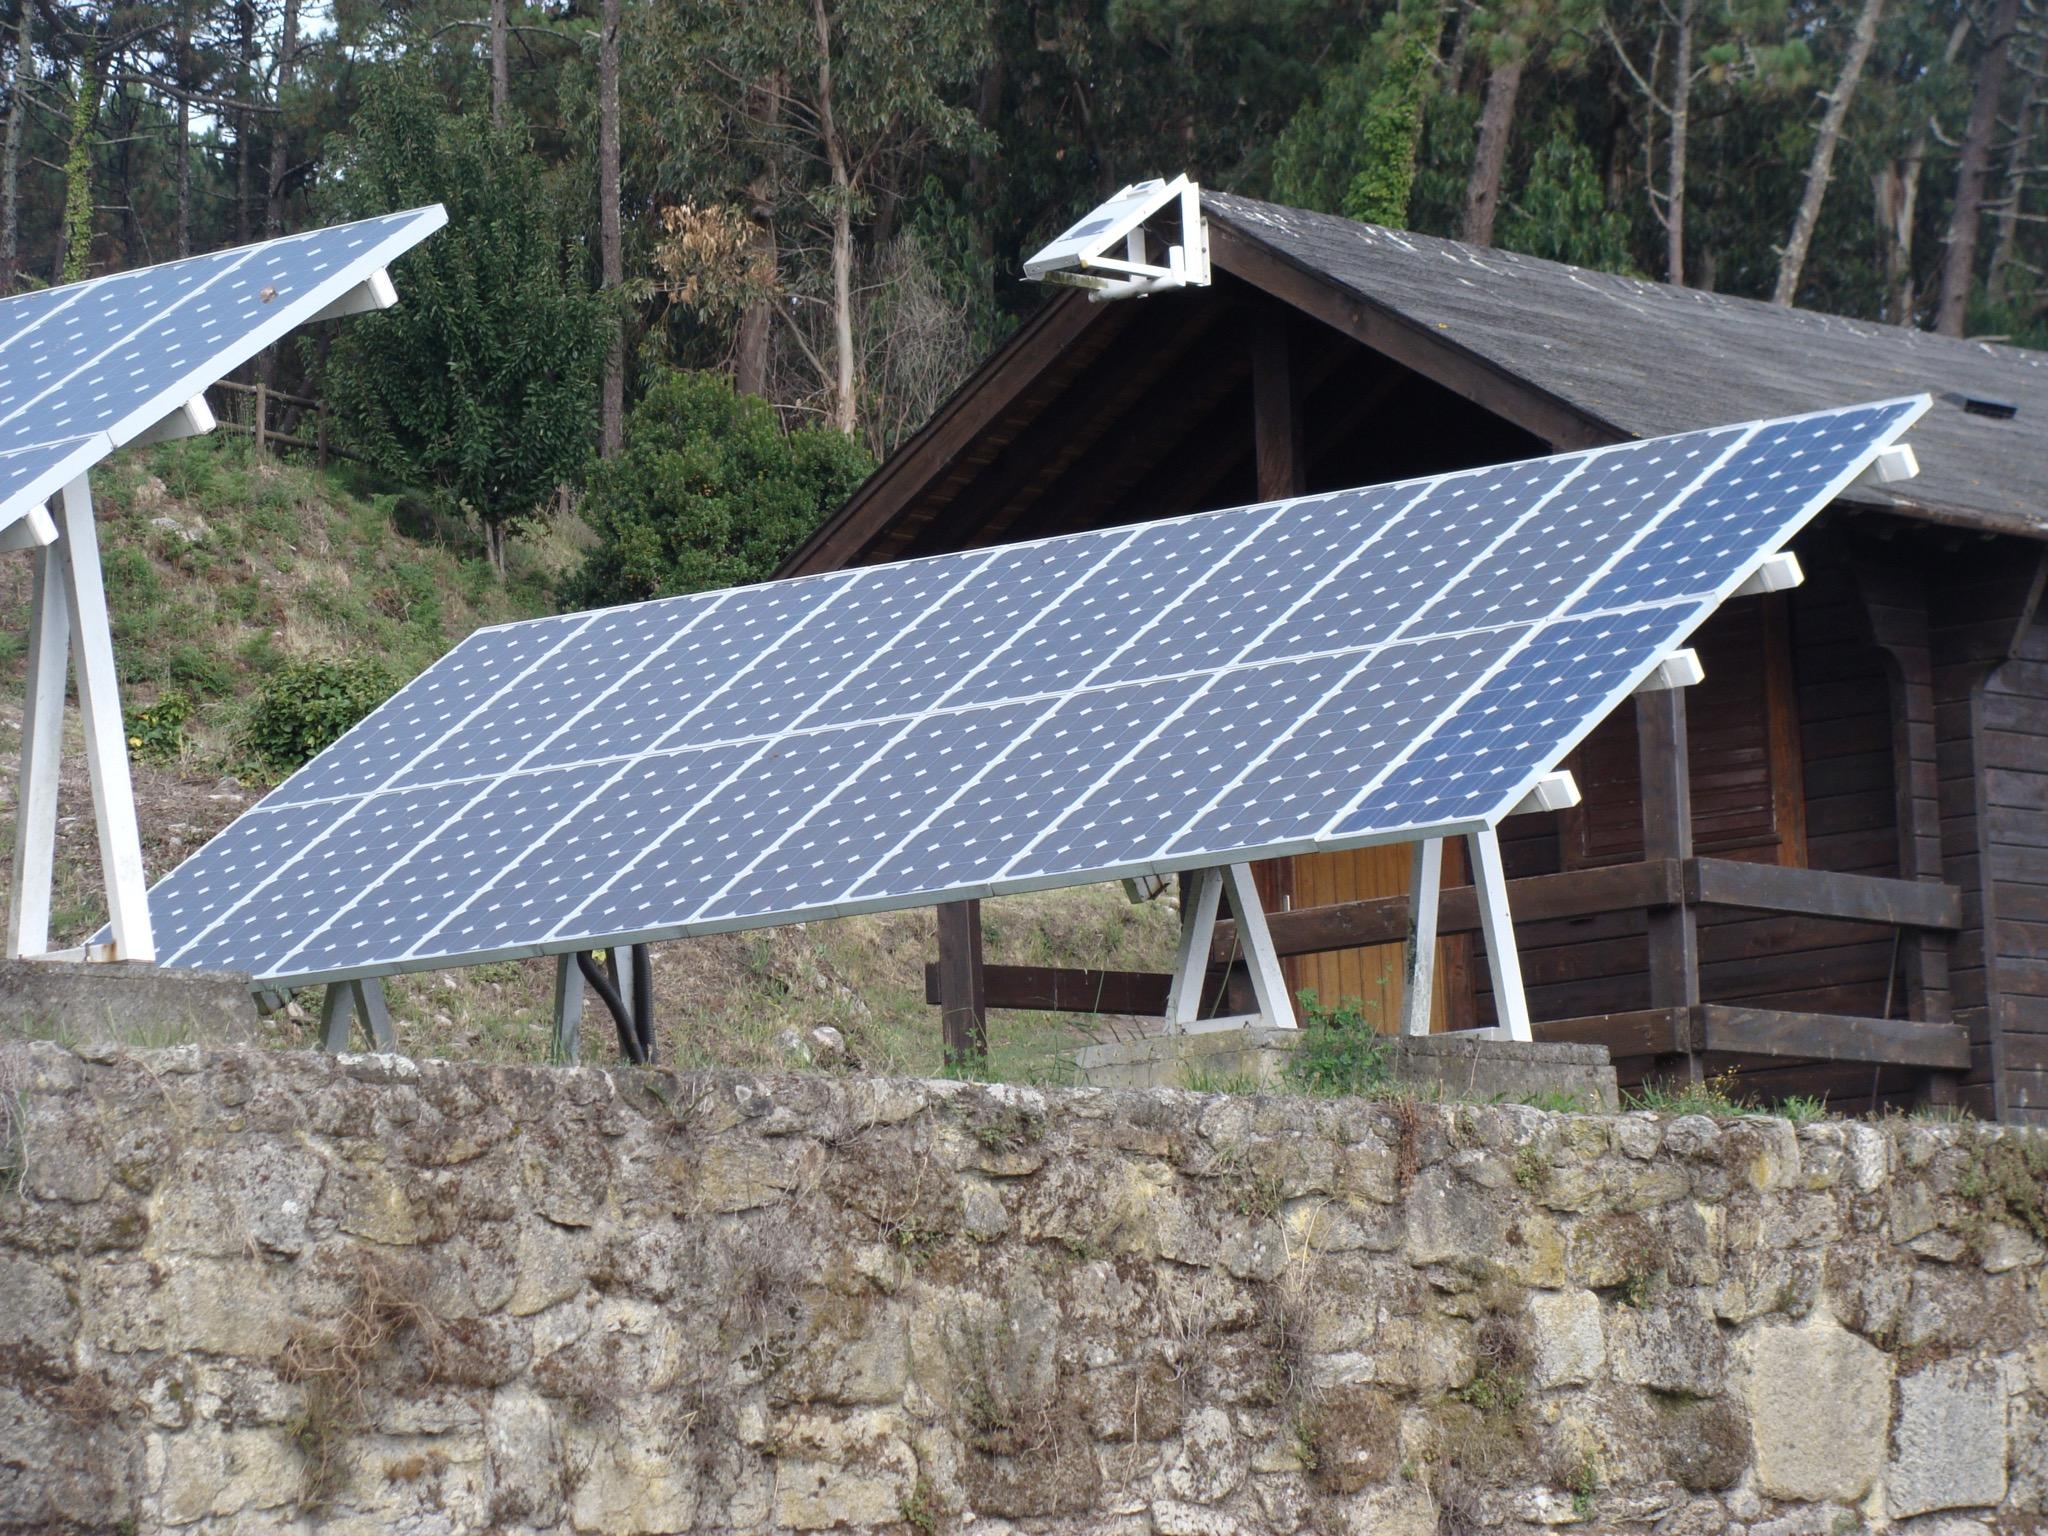 Pressenza generaci n de energ a el ctrica la paradoja - Casas con placas solares ...